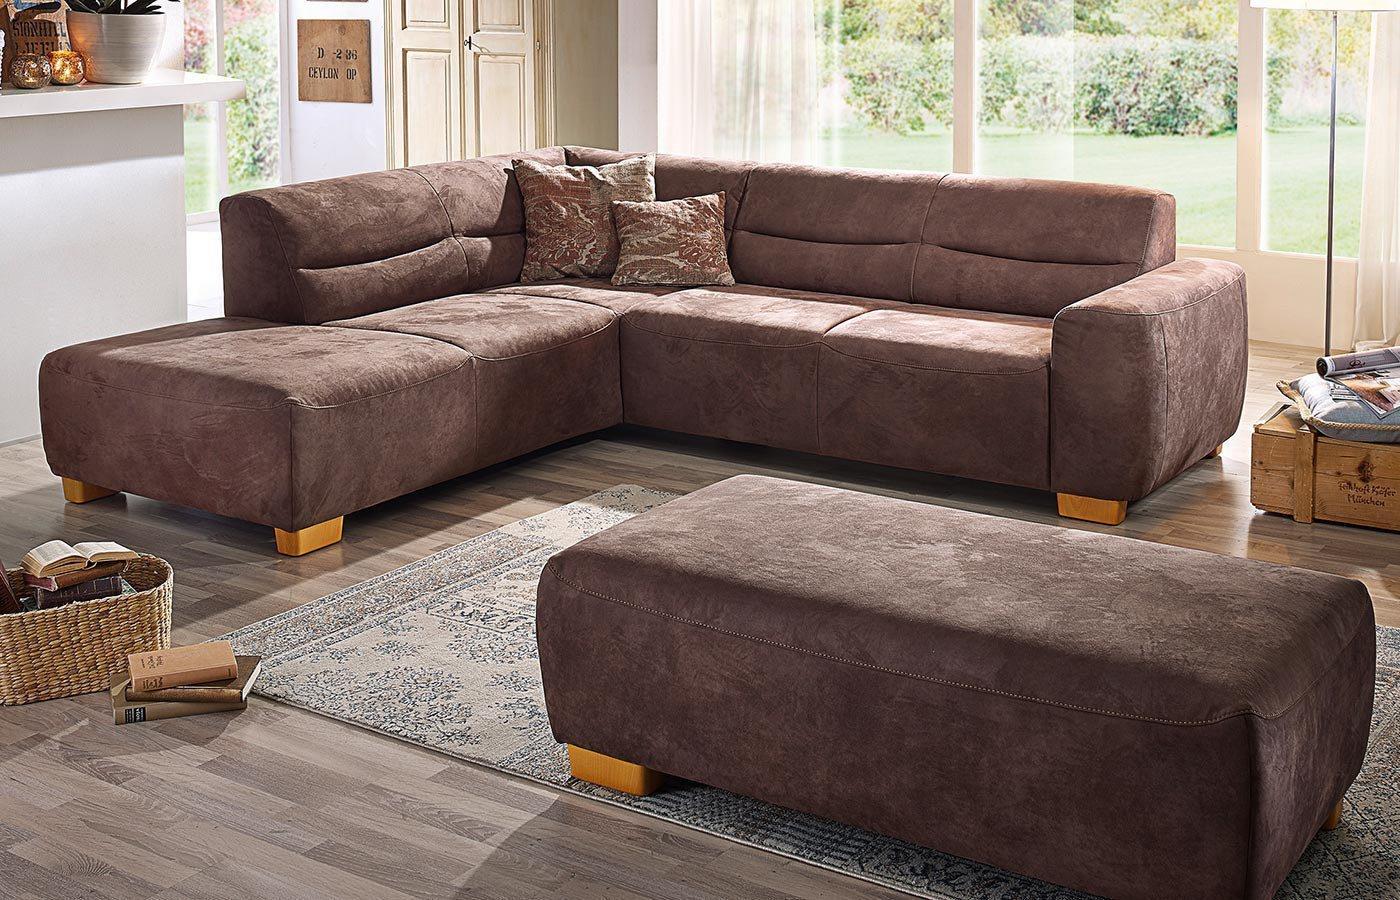 k w polsterm bel bono ecksofa braun m bel letz ihr. Black Bedroom Furniture Sets. Home Design Ideas